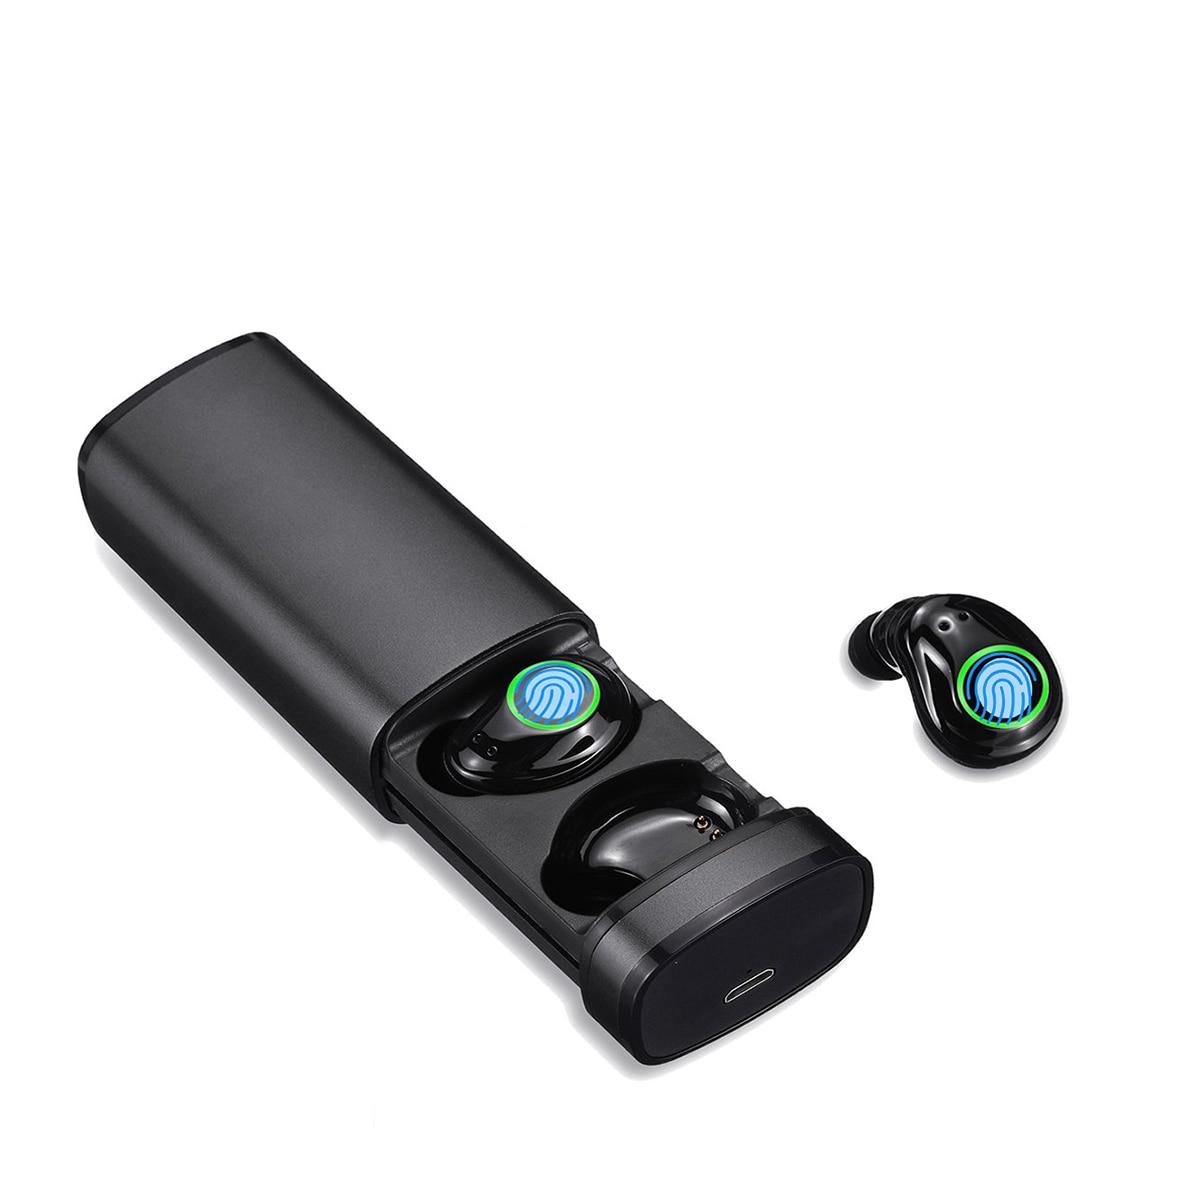 Tws True Bluetooth 5.0 écouteurs sans fil écouteurs doubles écouteurs Mini jumeaux stéréo écouteurs intra-auriculaires avec Micr pour téléphone intelligent